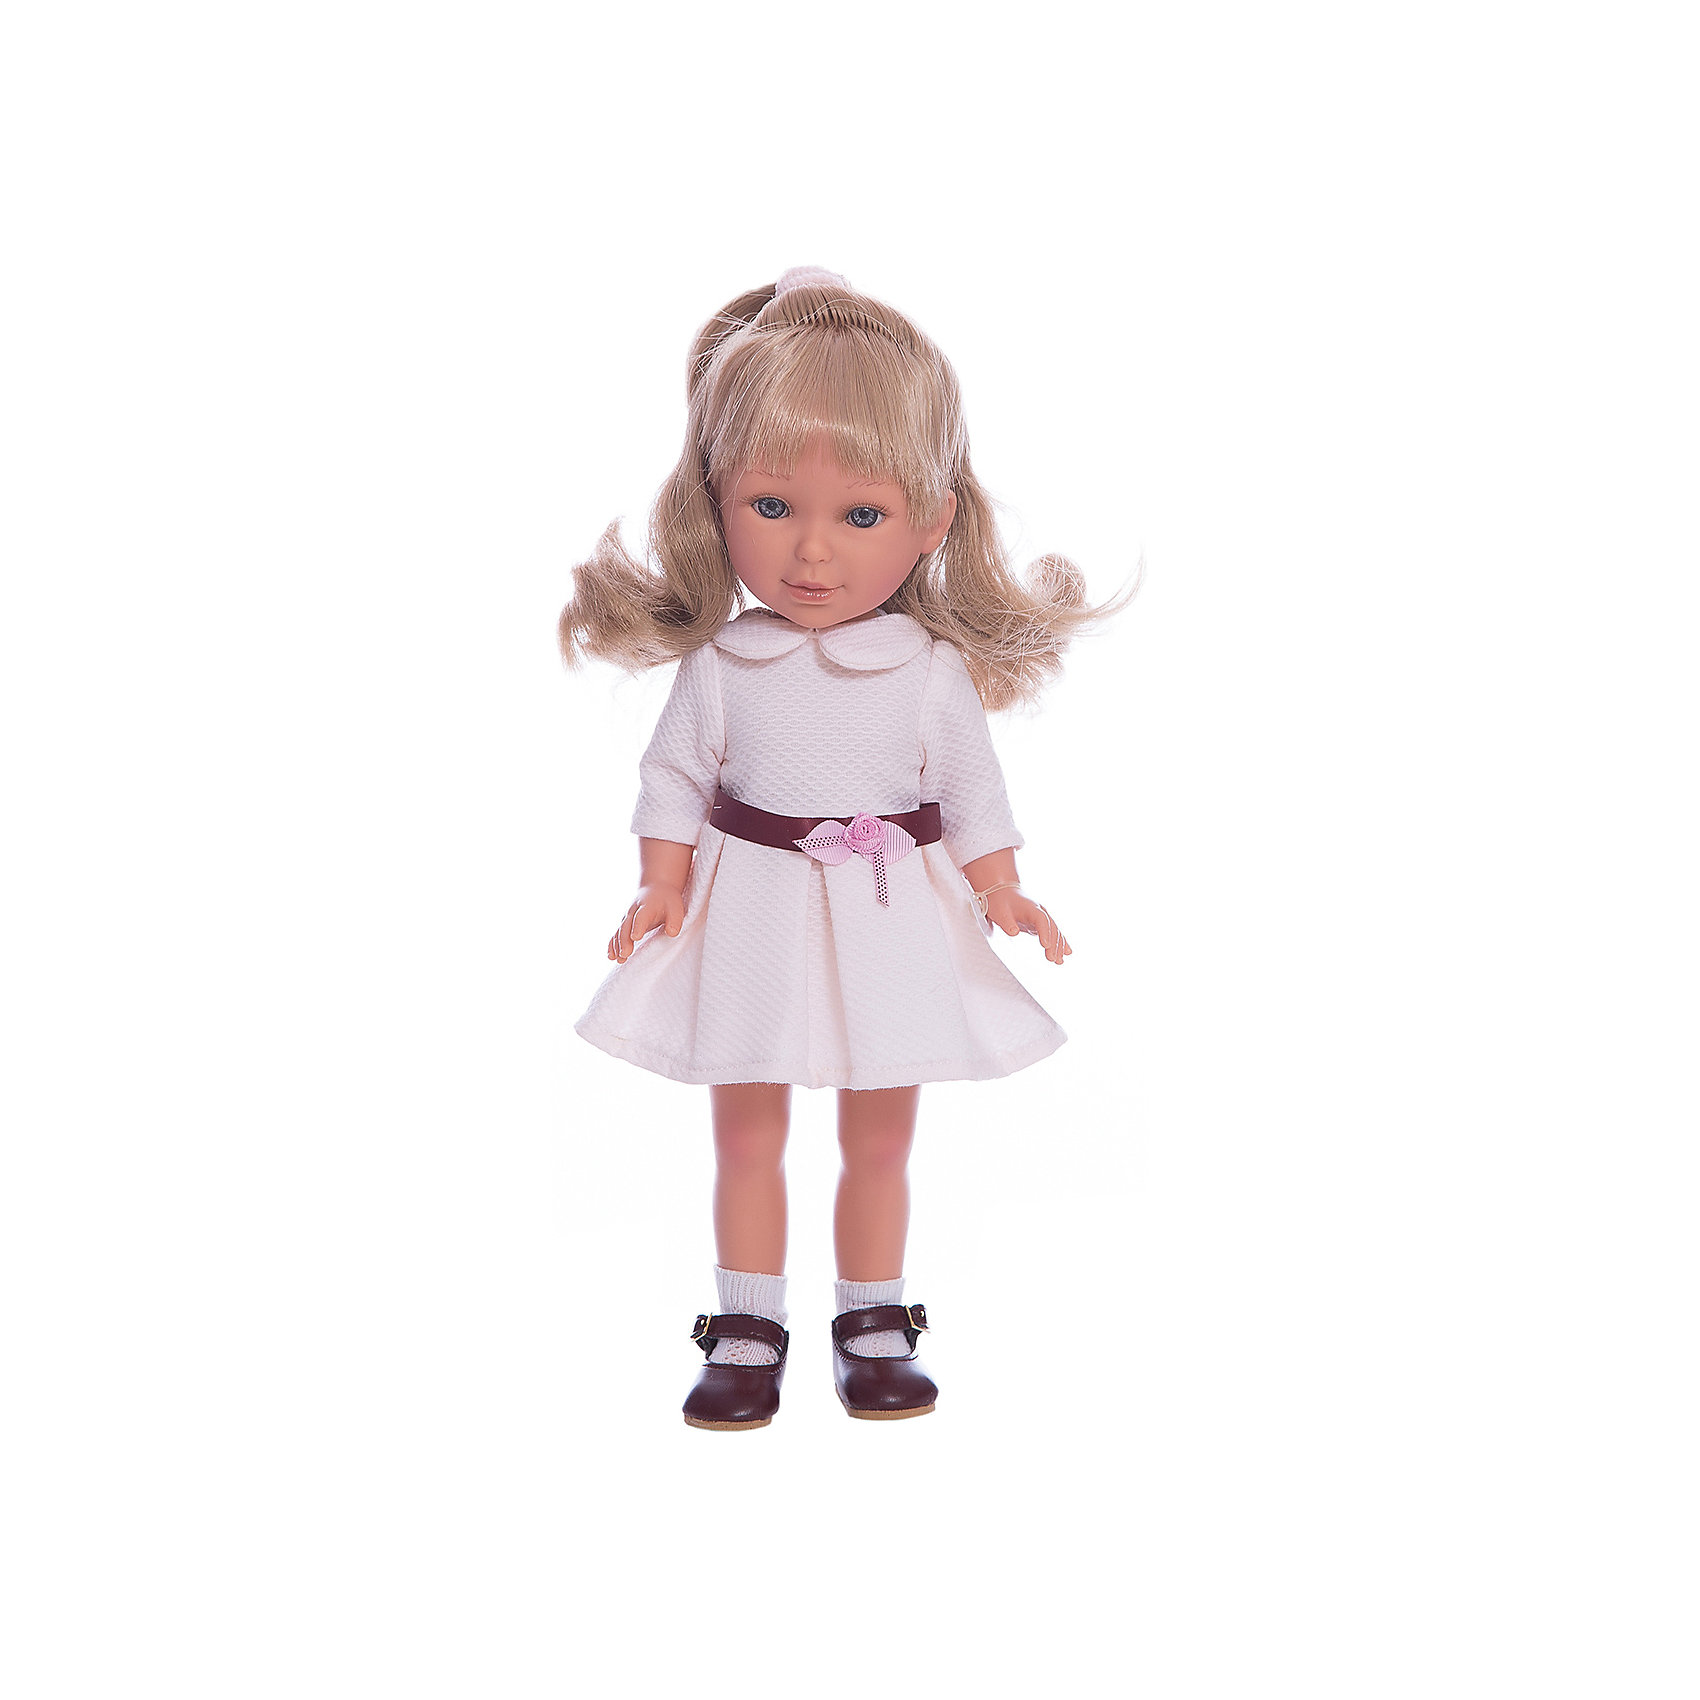 Кукла Паулина, блондинка волна, Весна Оксфорд, Vestida de AzulКлассические куклы<br>Характеристики товара:<br><br>• возраст: от 3 лет;<br>• материал: винил, текстиль;<br>• в комплекте: кукла, наряд;<br>• высота куклы: 33 см;<br>• размер упаковки: 40х22,5х10,5 см;<br>• вес упаковки: 700 гр.;<br>• страна производитель: Испания.<br><br>Кукла Паулина блондинка волна «Весна Оксфорд» Vestida de Azul одета в белое платье с воротничком, украшенное поясом и цветком. У Паулины милое личико с большими живыми глазками, щечками с легким румянцем. Светлые кудрявые волосы очень похожи на натуральные. Девочка сможет расчесывать их, укладывать, заплетать, придумывая кукле разнообразные прически.<br><br>Куклу Паулину блондинка волна «Весна Оксфорд» Vestida de Azul можно приобрести в нашем интернет-магазине.<br><br>Ширина мм: 225<br>Глубина мм: 105<br>Высота мм: 405<br>Вес г: 700<br>Возраст от месяцев: 36<br>Возраст до месяцев: 2147483647<br>Пол: Женский<br>Возраст: Детский<br>SKU: 6844340